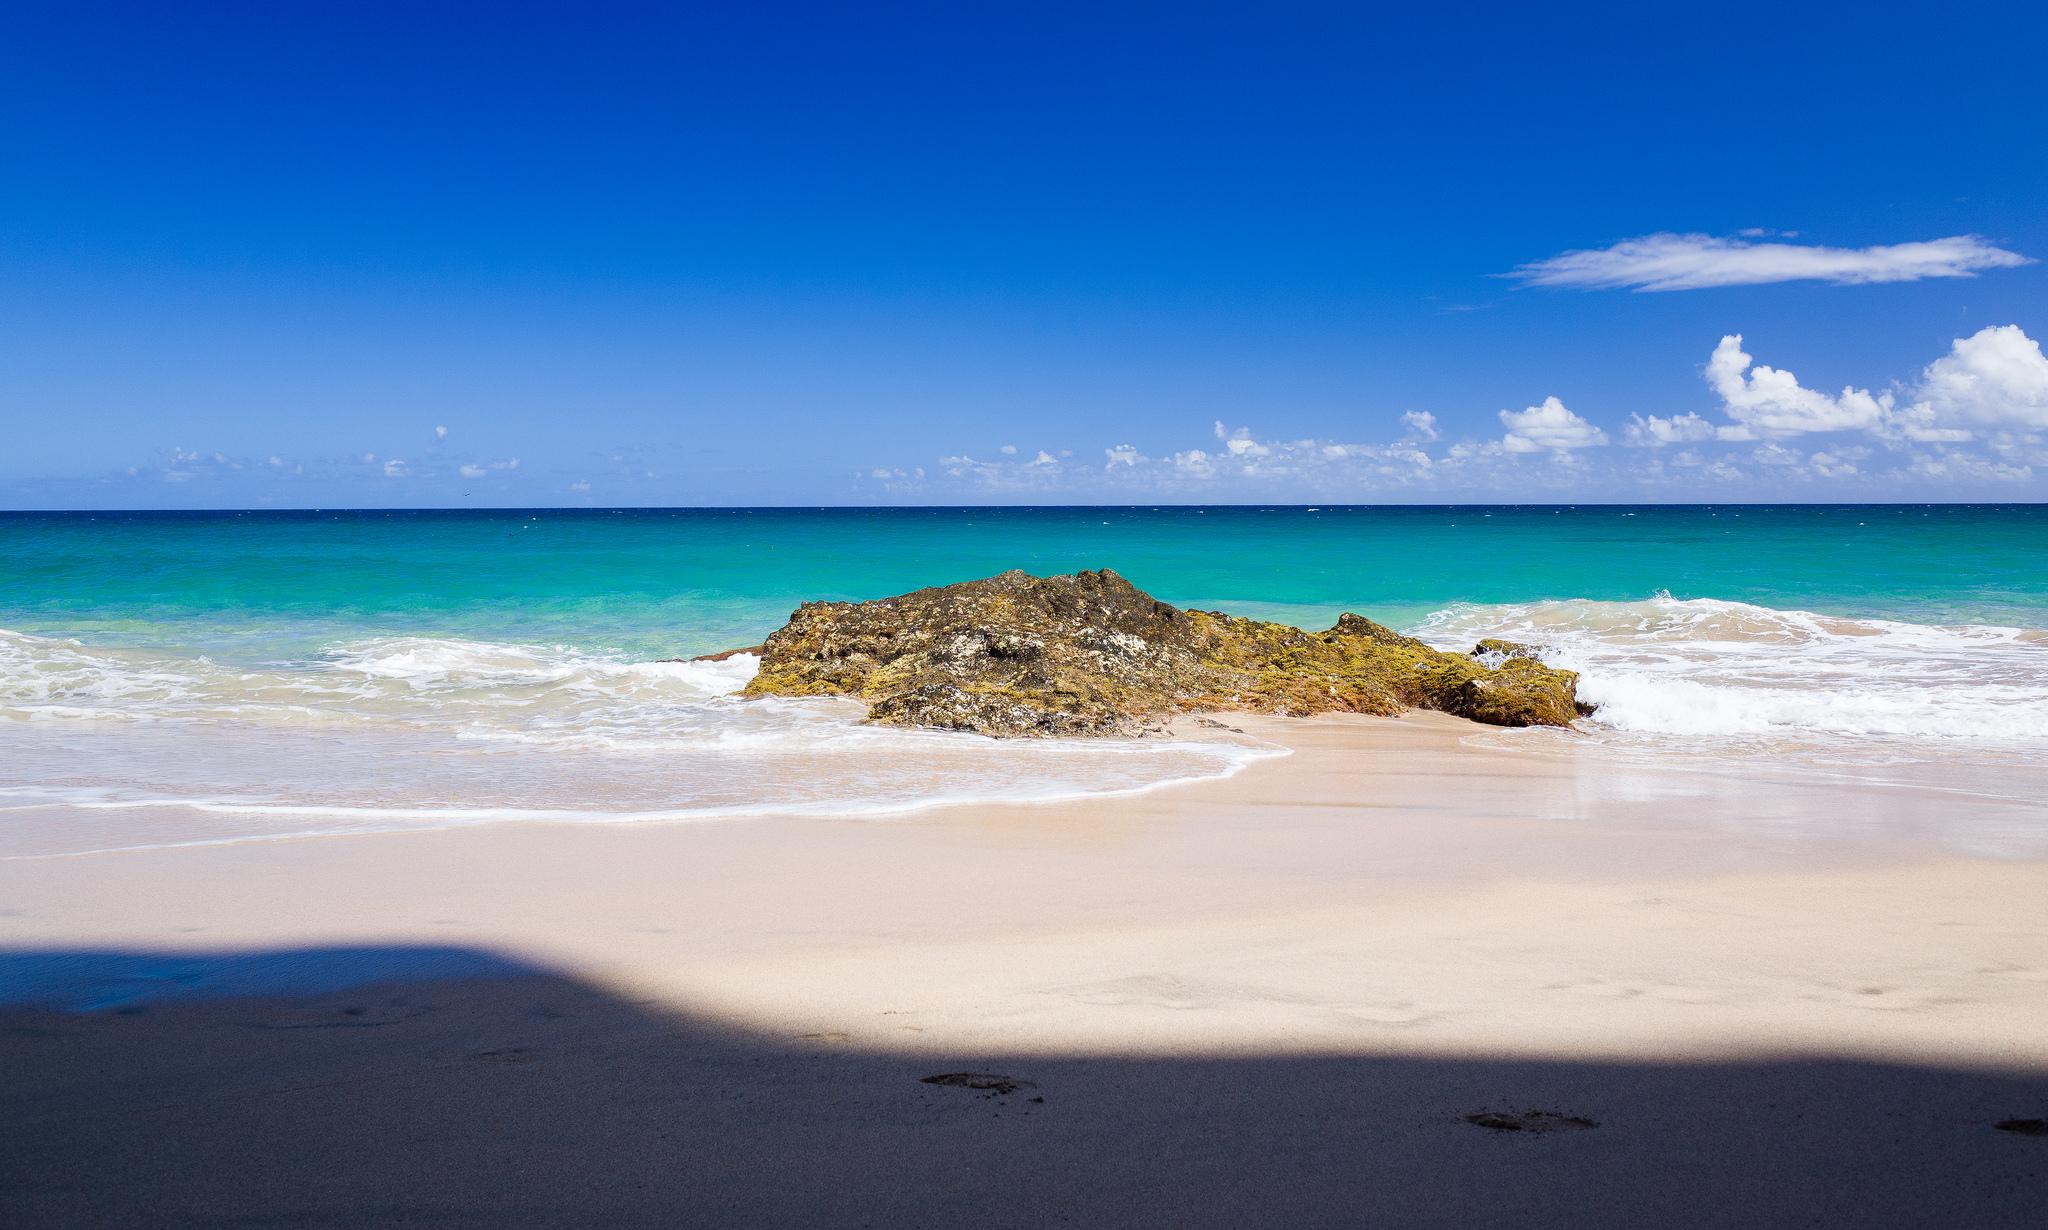 пляжи_Кауаи_Гавайи_Hawaii_Kauai